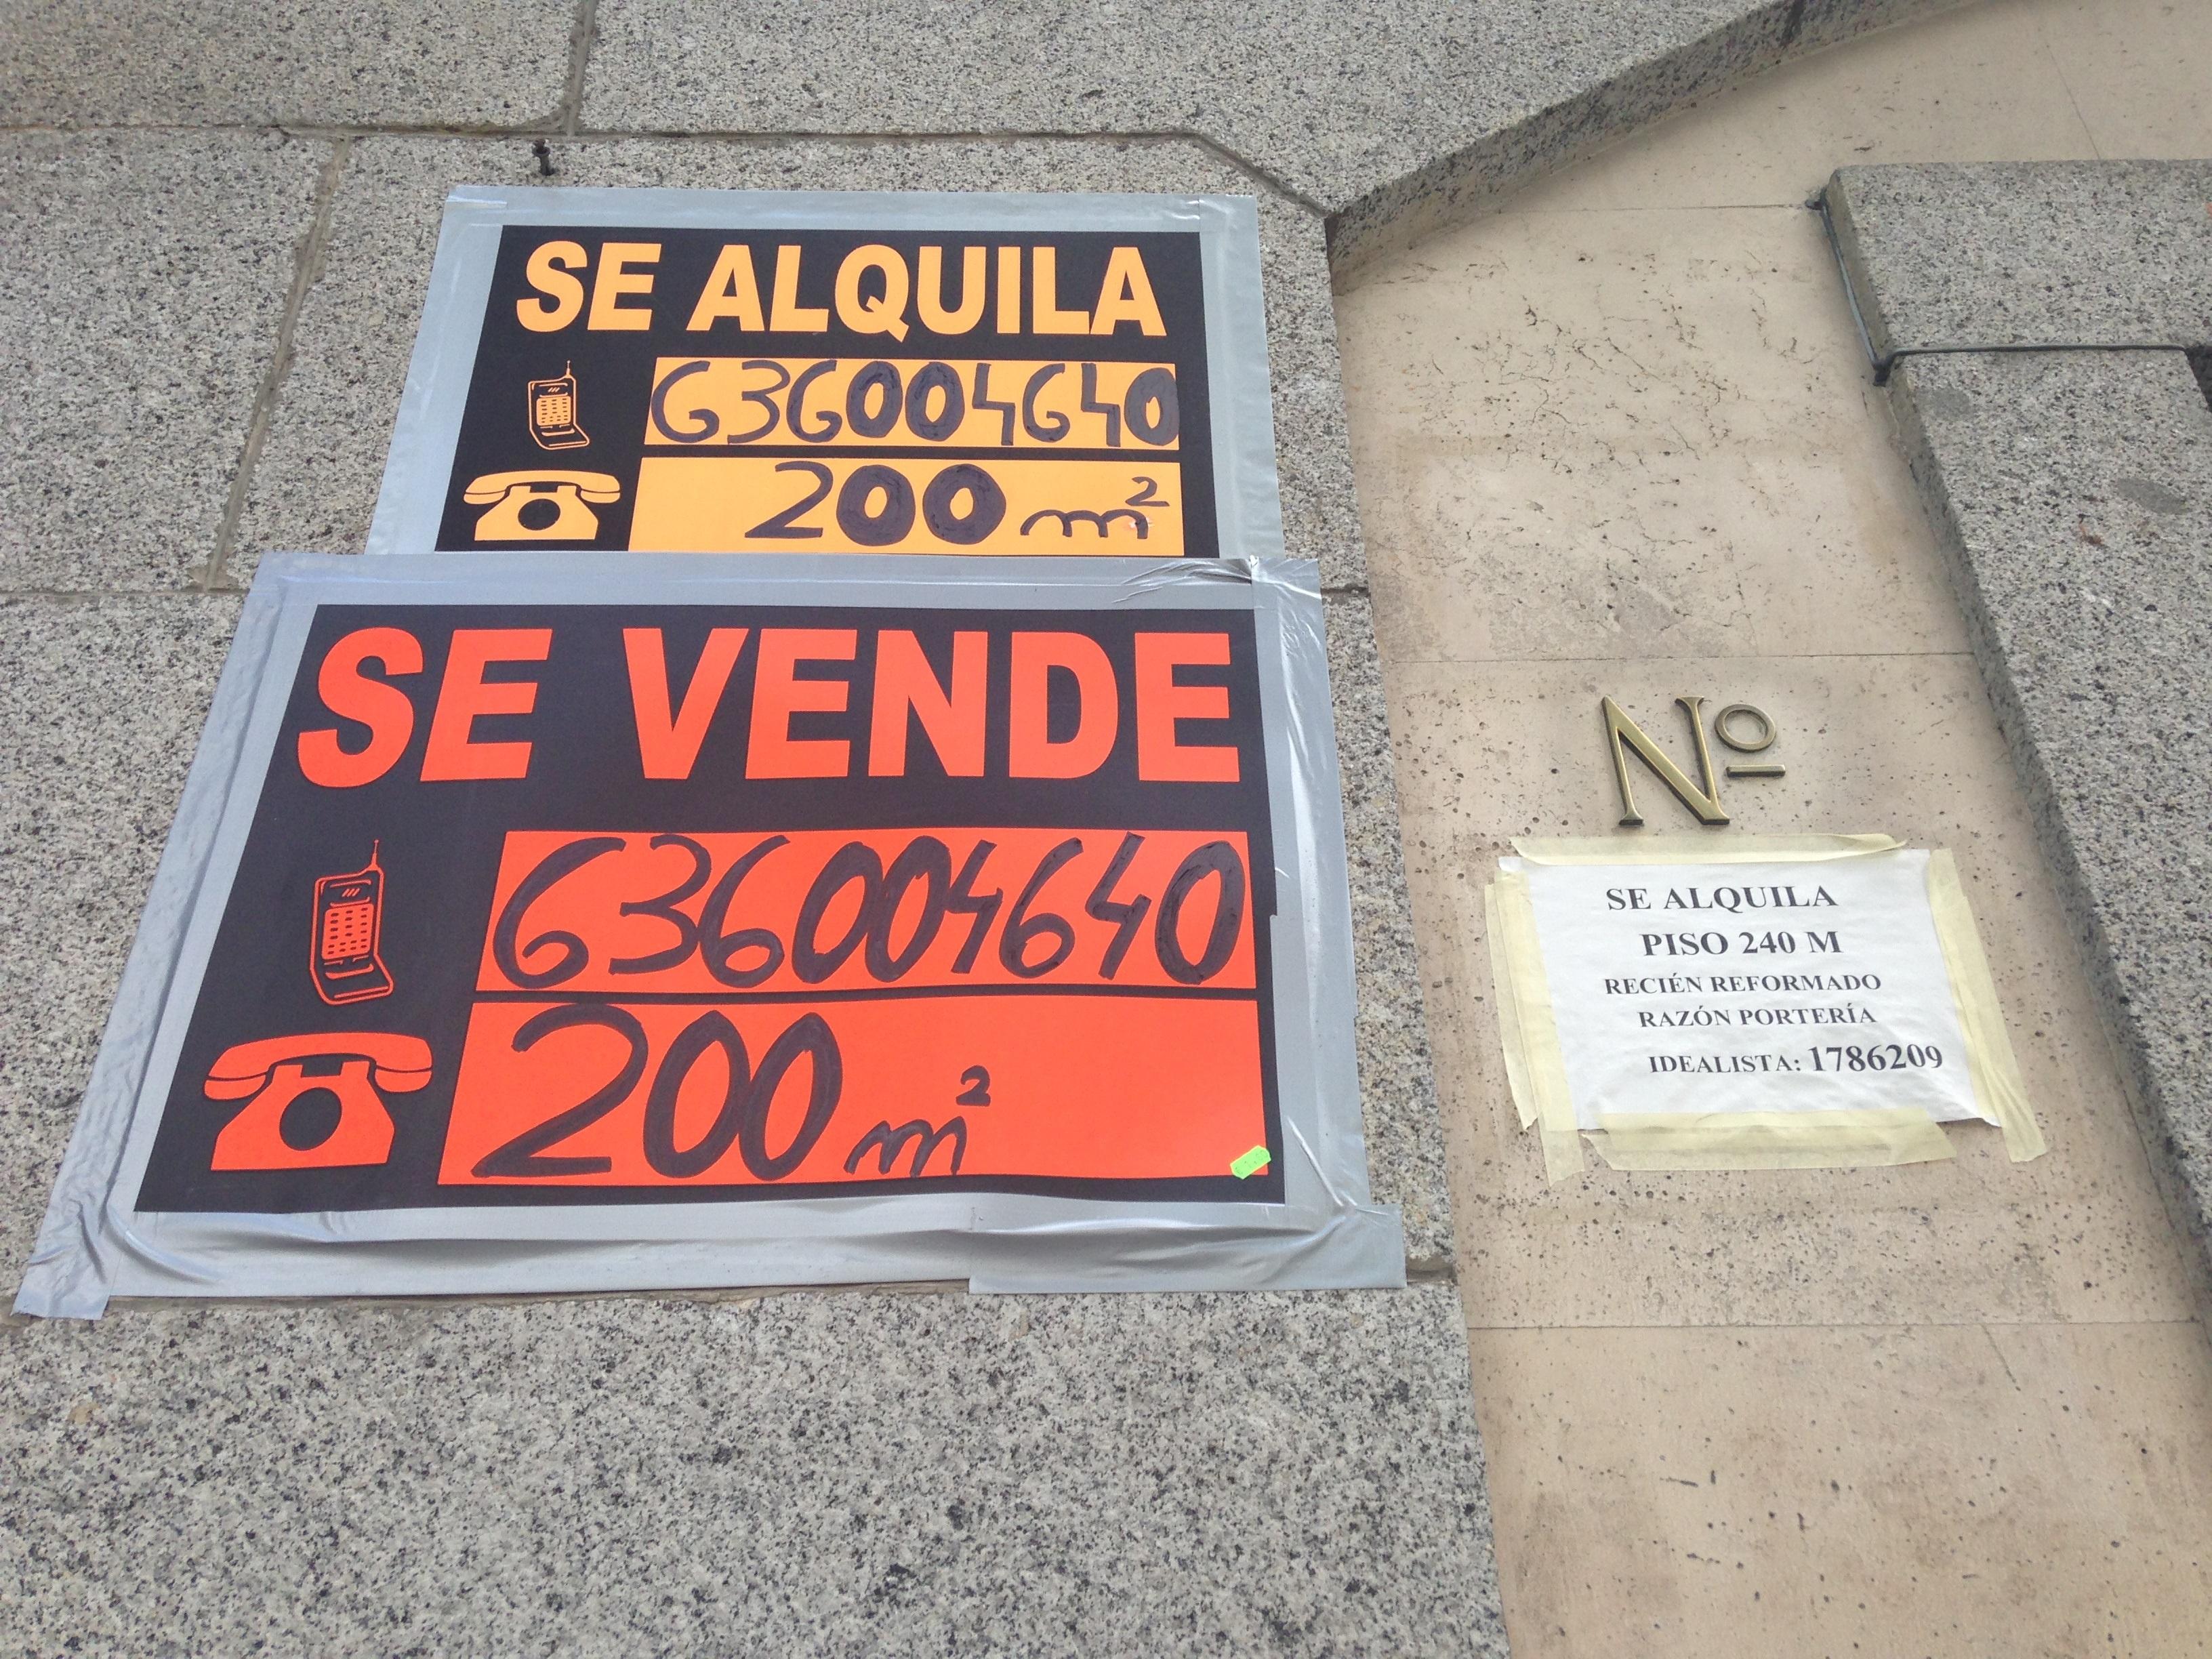 El precio de la vivienda en Murcia baja un 16,6% en el segundo trimestre, el mayor descenso por CCAA